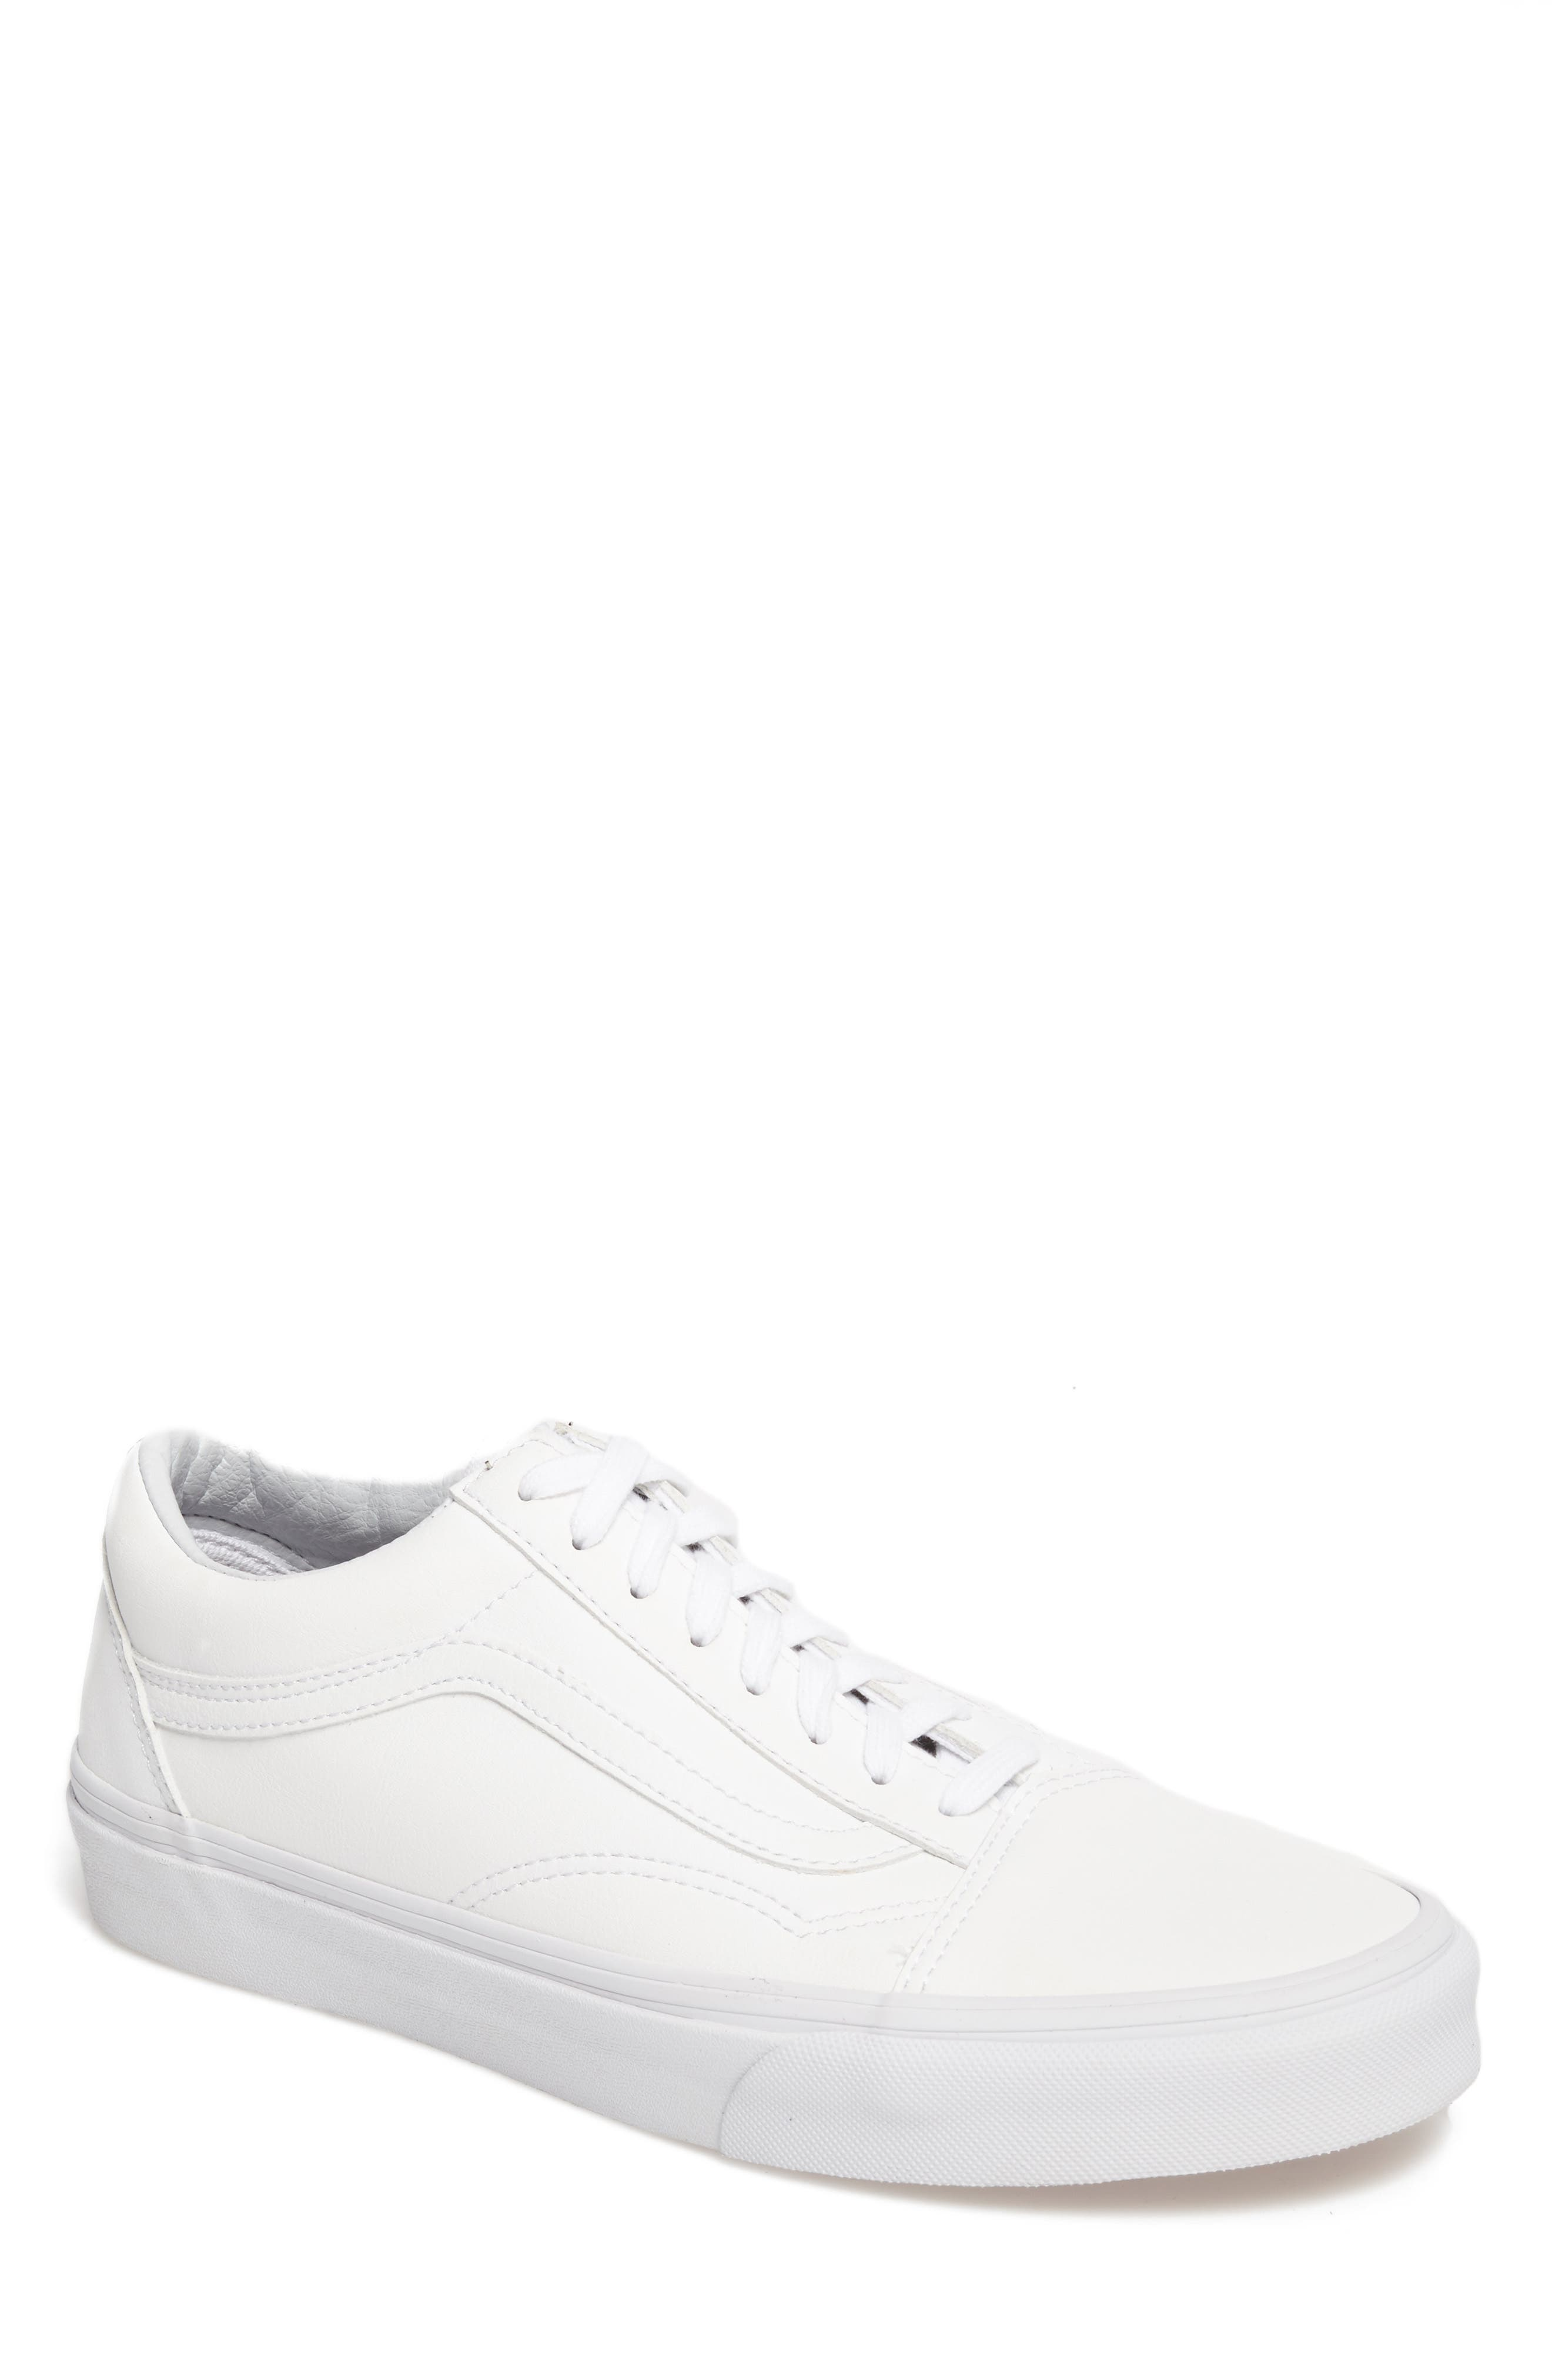 VANS Old Skool Sneaker